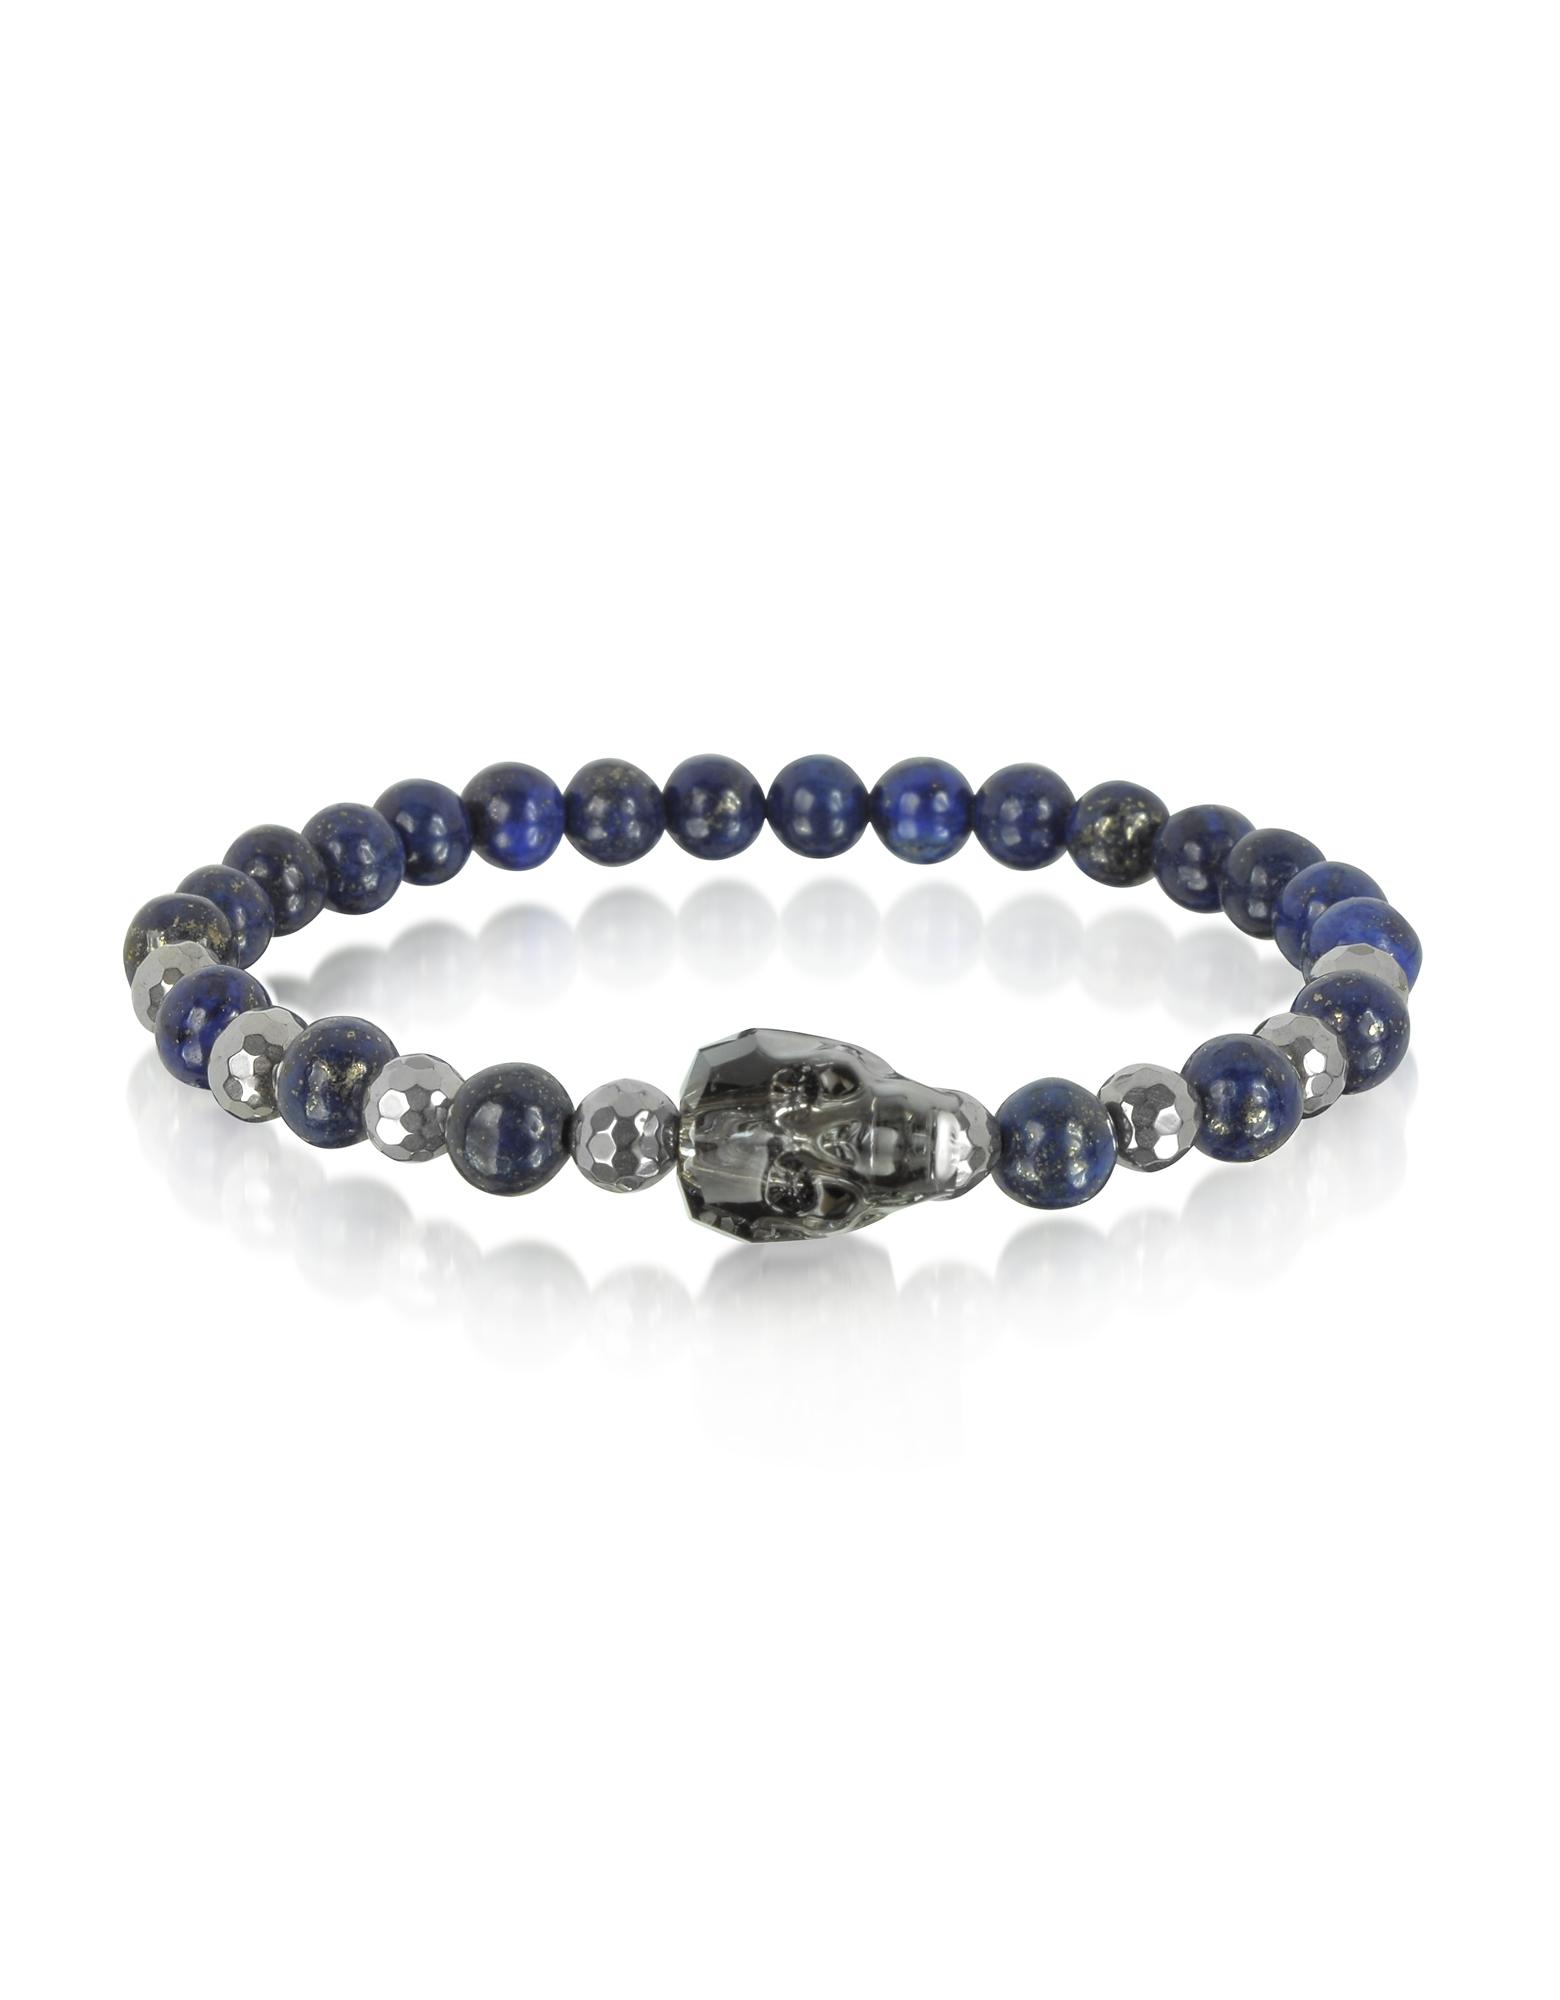 Braccialetto da Uomo con Perle di Lapislazzuli a Forma Irregolare e Teschio in Cristallo